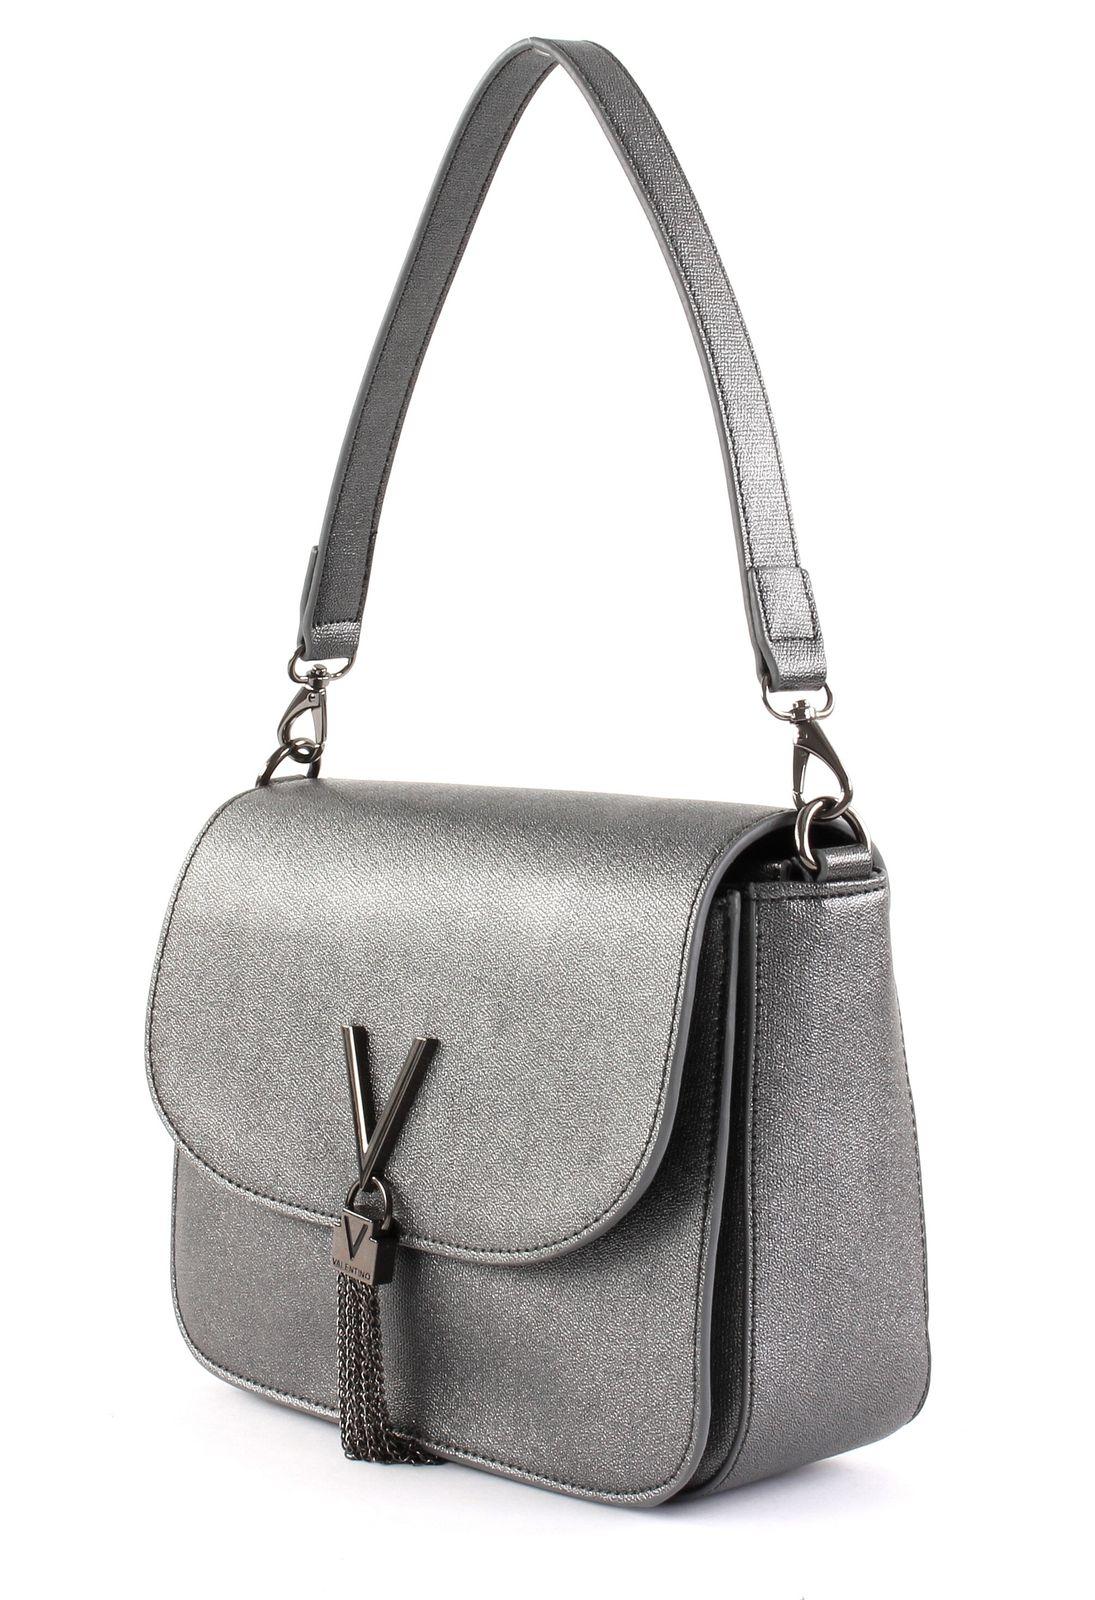 af8a59705c04e VALENTINO Marilyn Shoulder Bag Schultertasche Tasche Cannafucil Grau ...